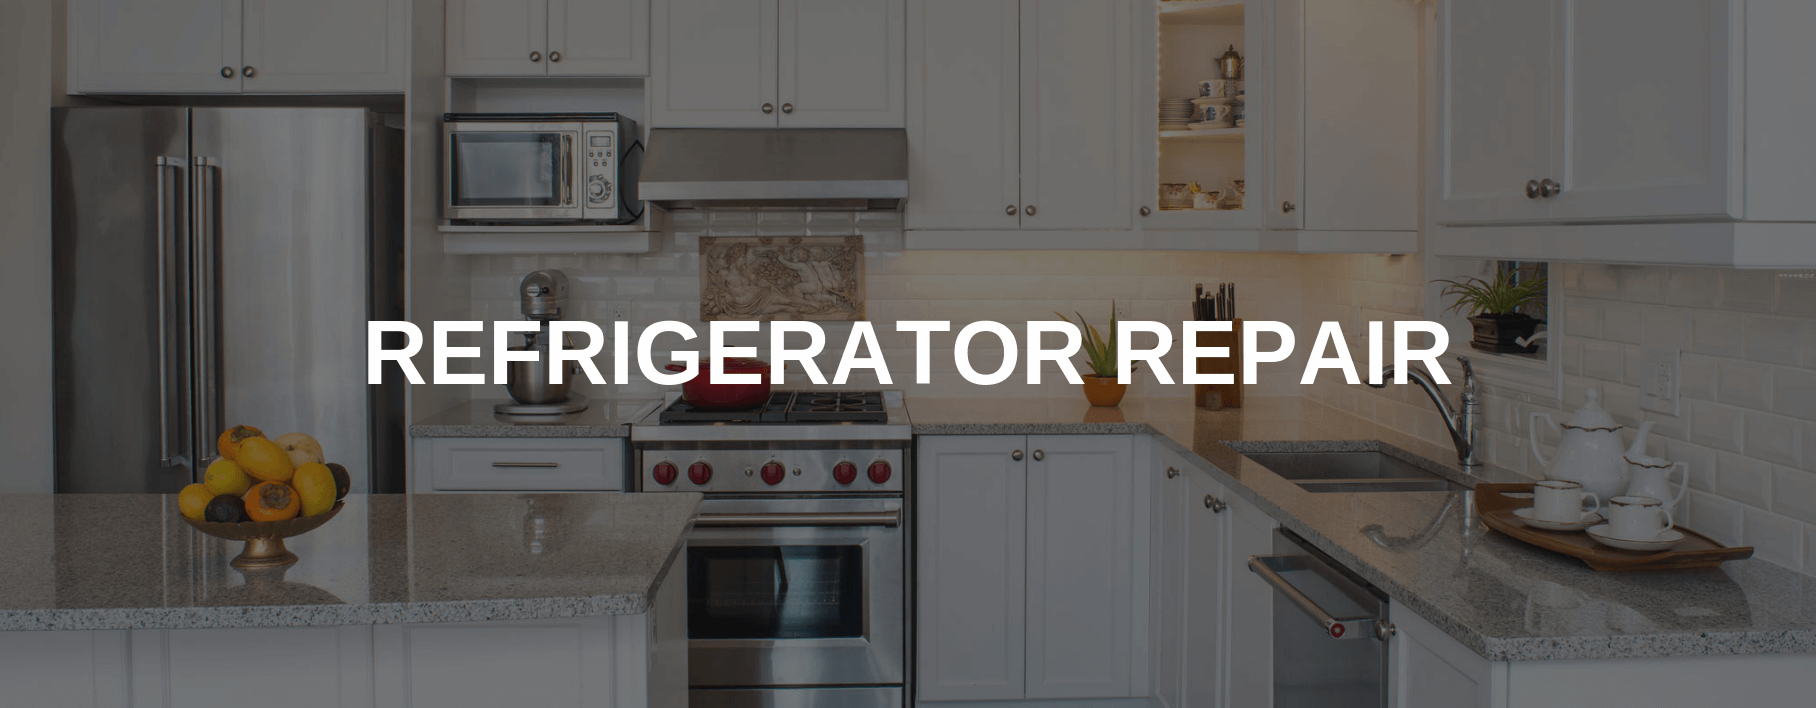 refrigerator repair durham